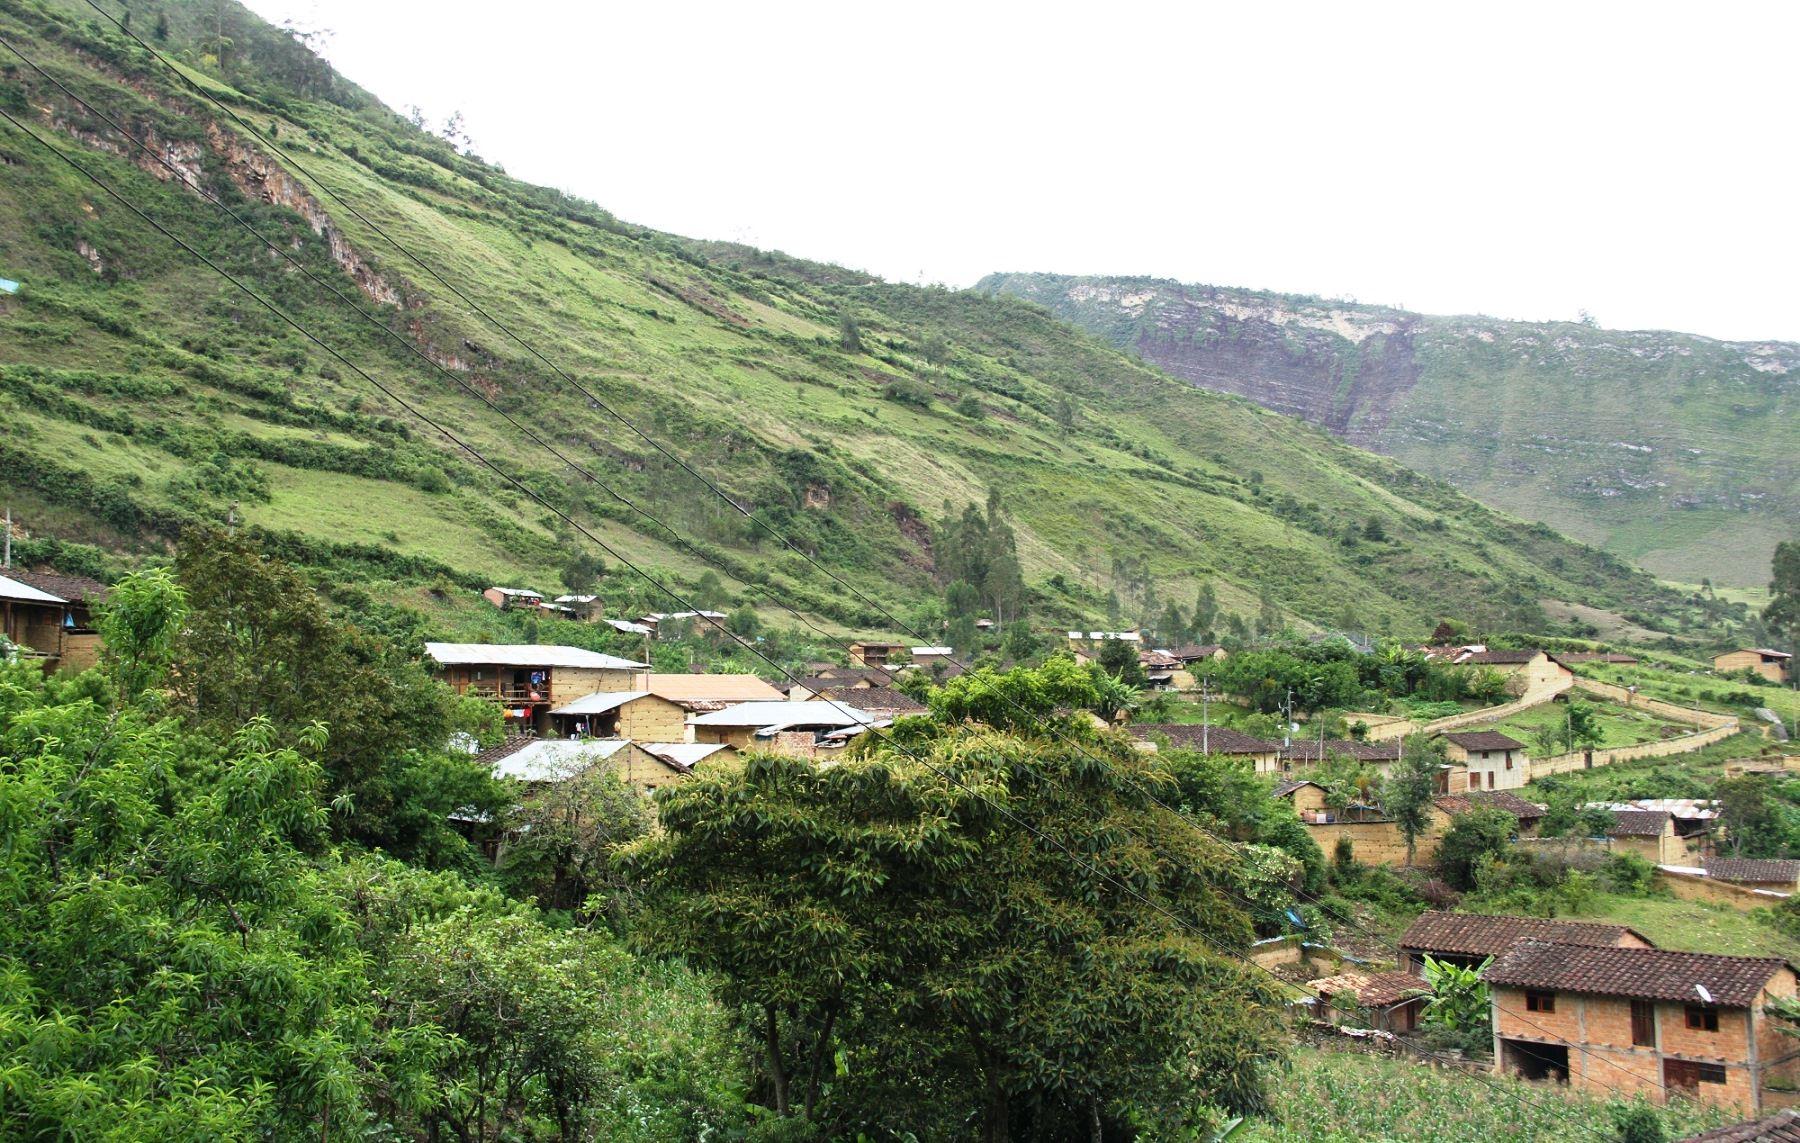 Ministerio de Cultura resaltó el paisaje cultural del Valle Alto del Utcubamba, ubicado en la región Amazonas.